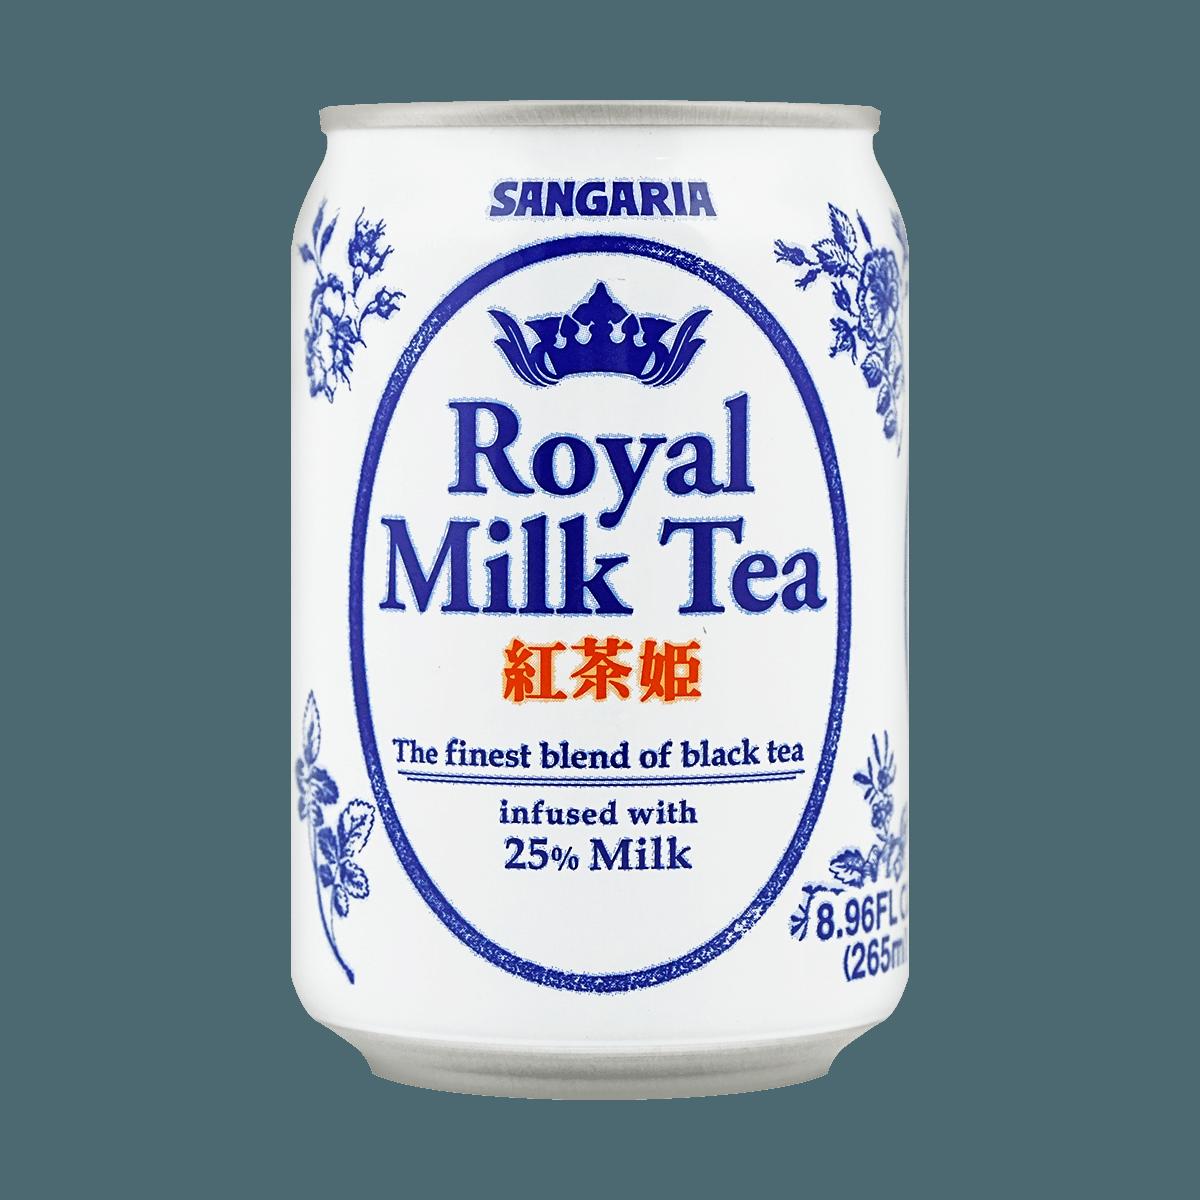 日本SANGARIA 红茶姬 奶茶 265ml 怎么样 - 亚米网